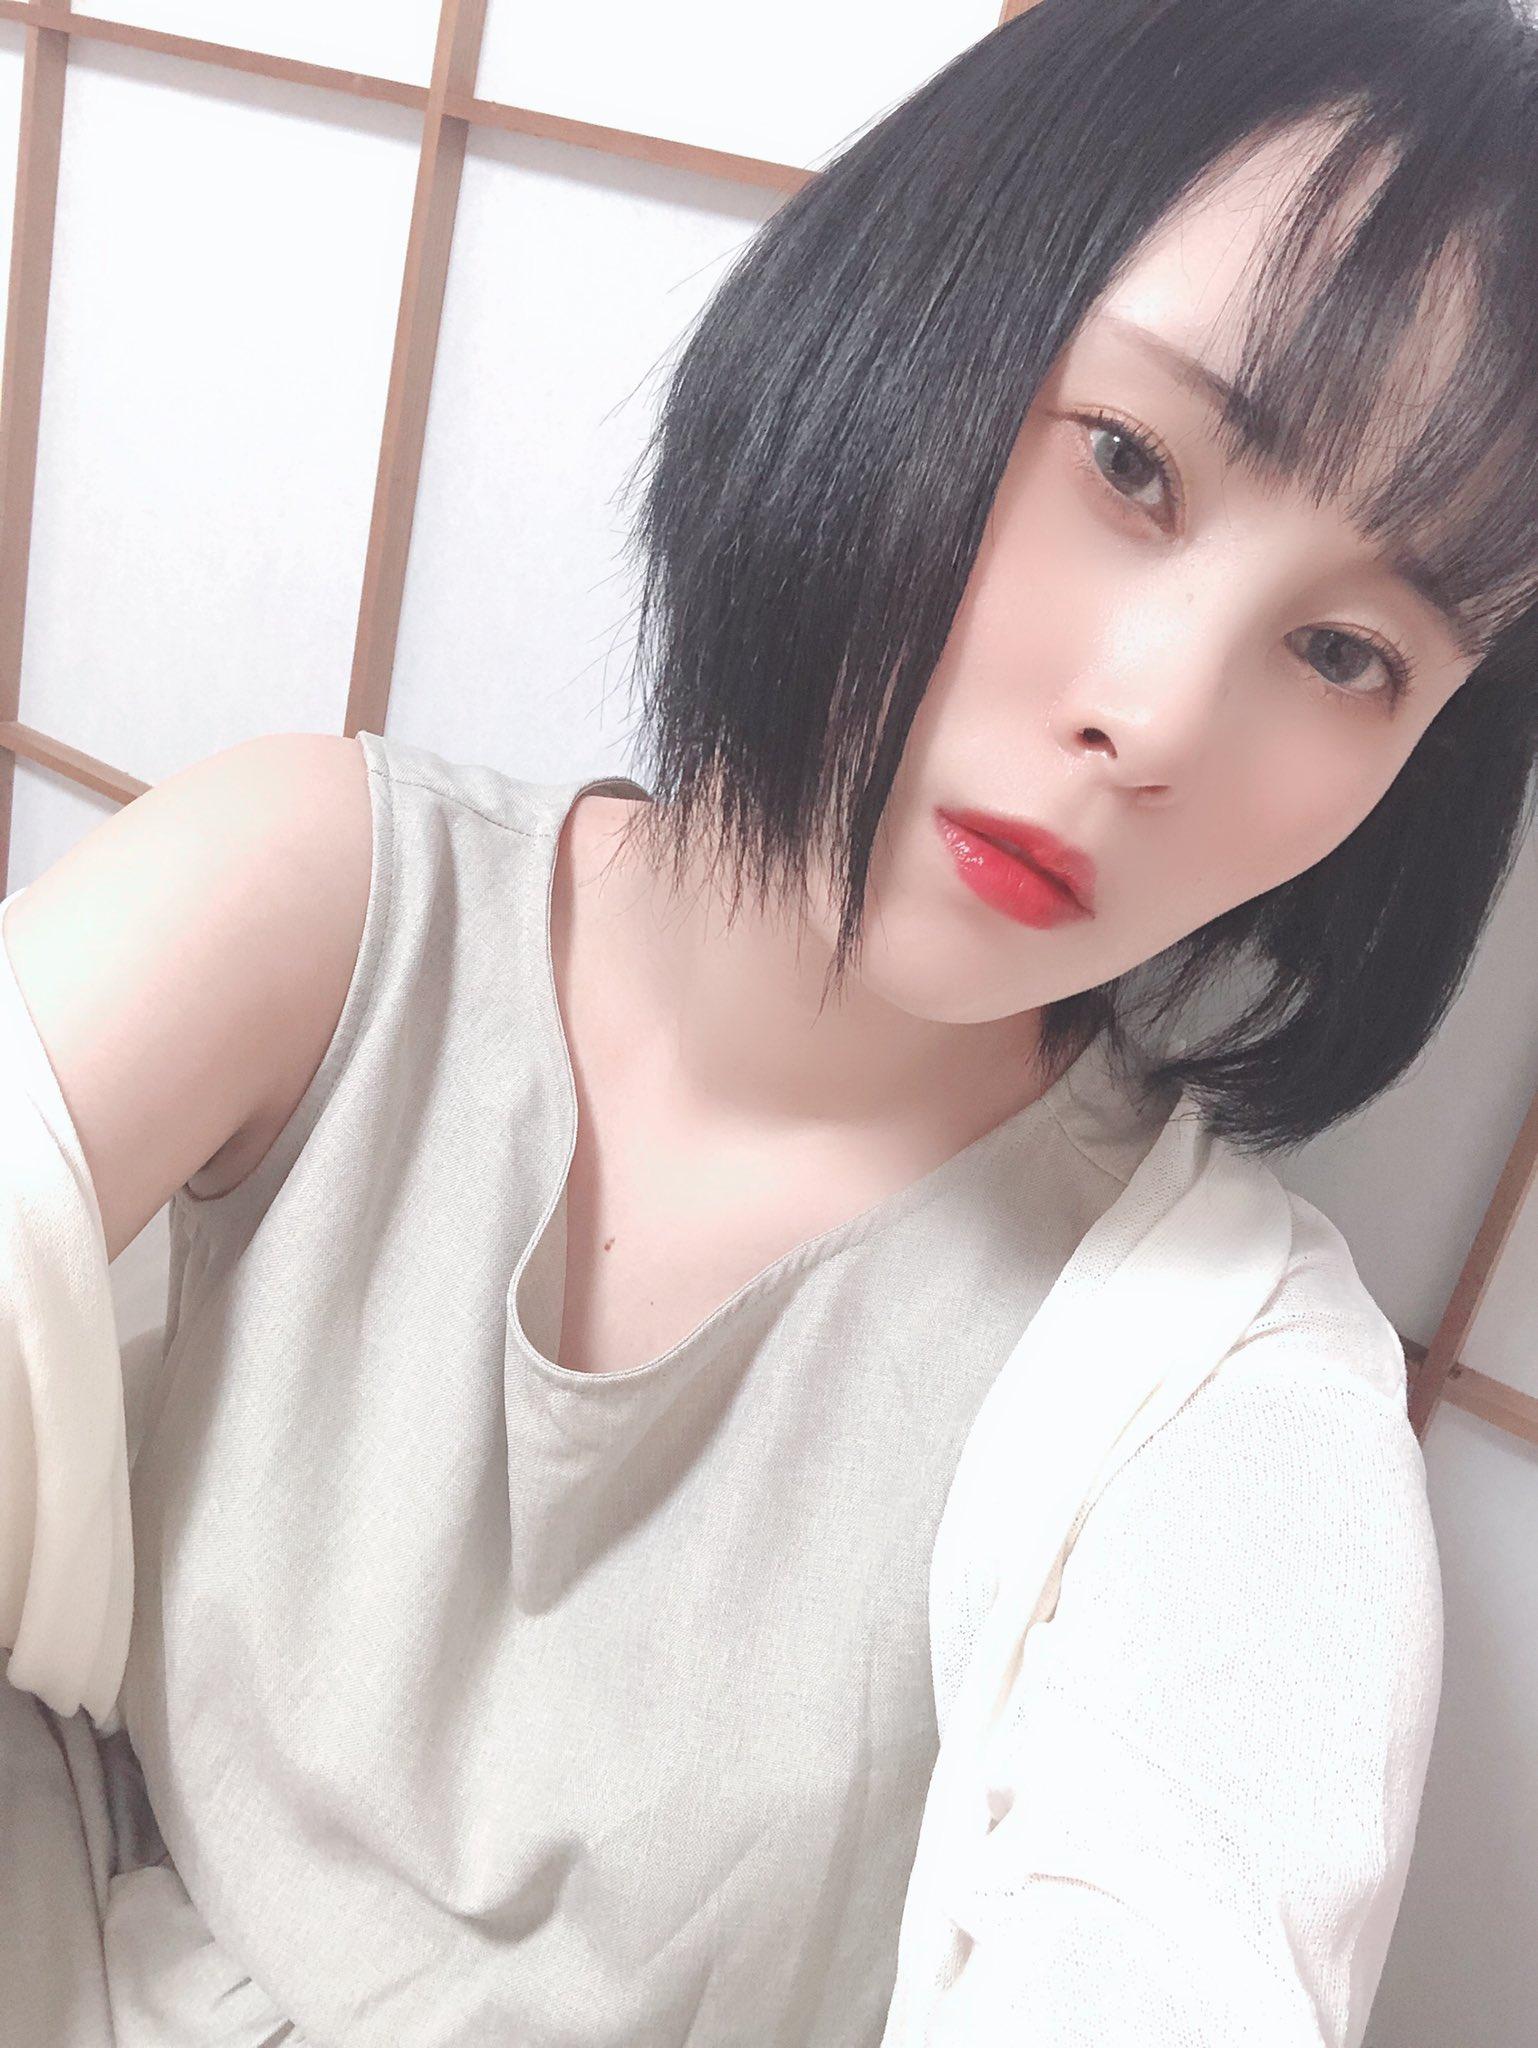 【浅井心晴エロ画像】初AVで処女喪失した本物女子社員・浅井心晴!